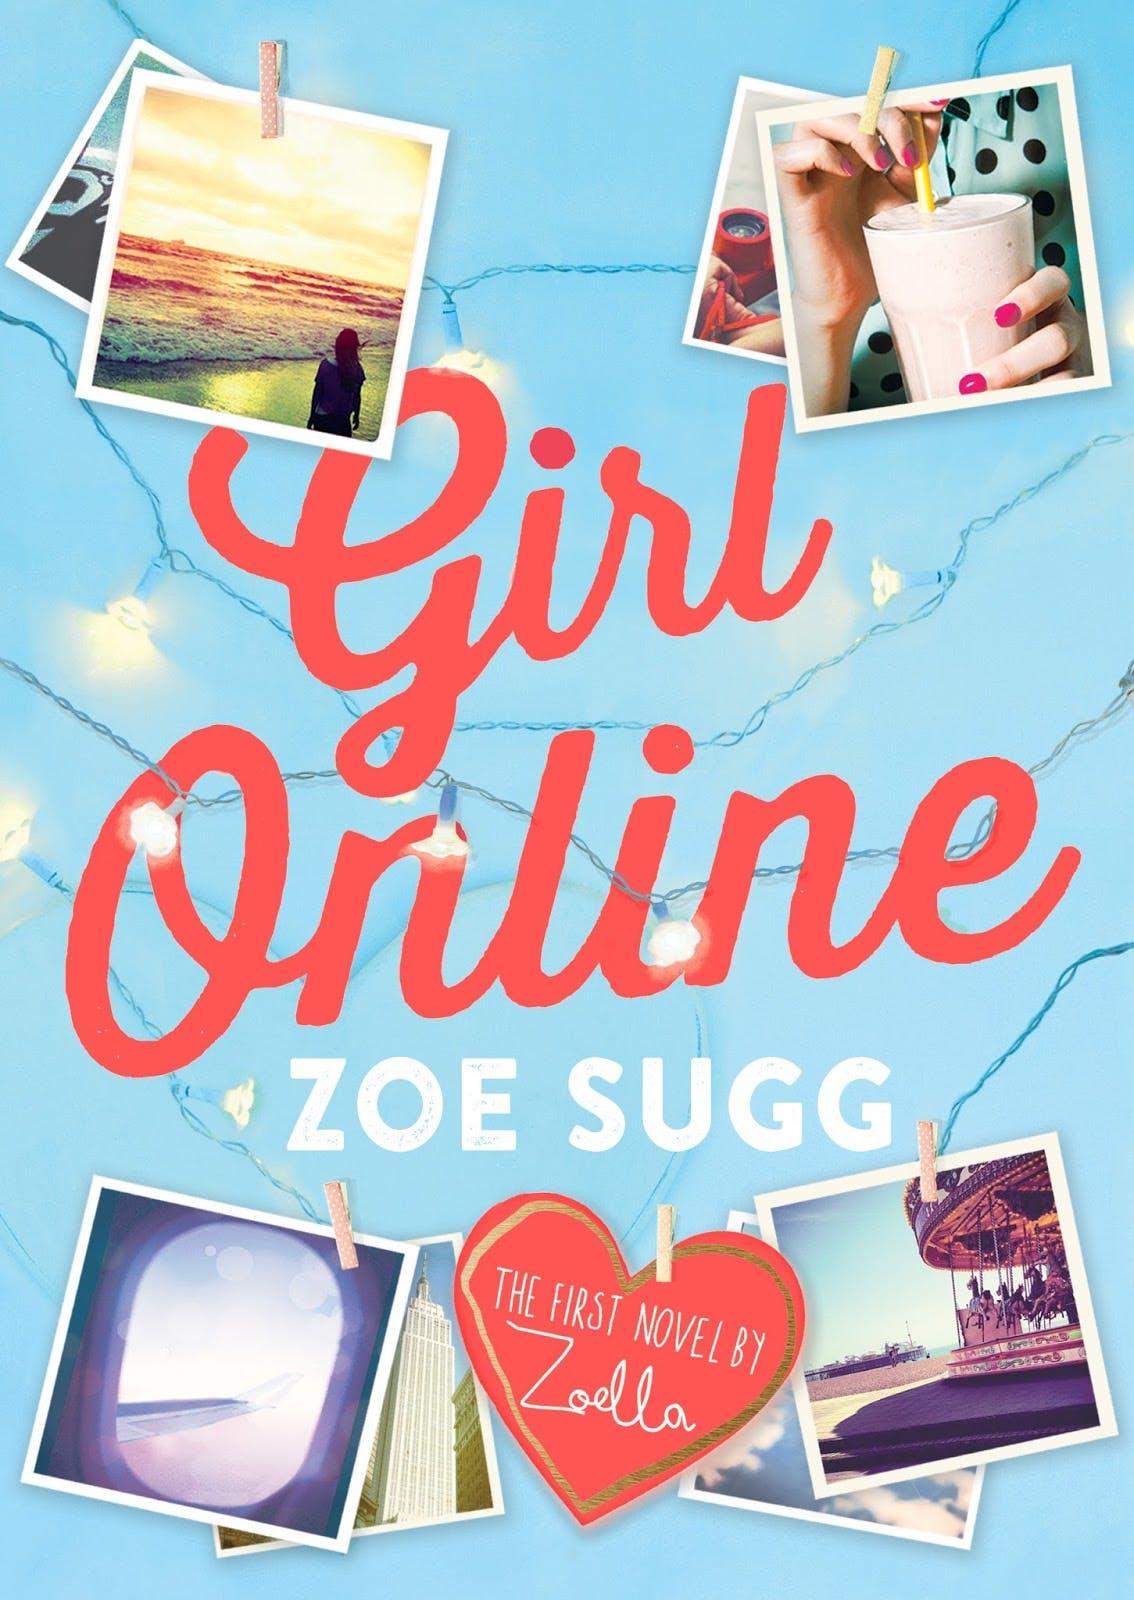 Girl Online –Zoella